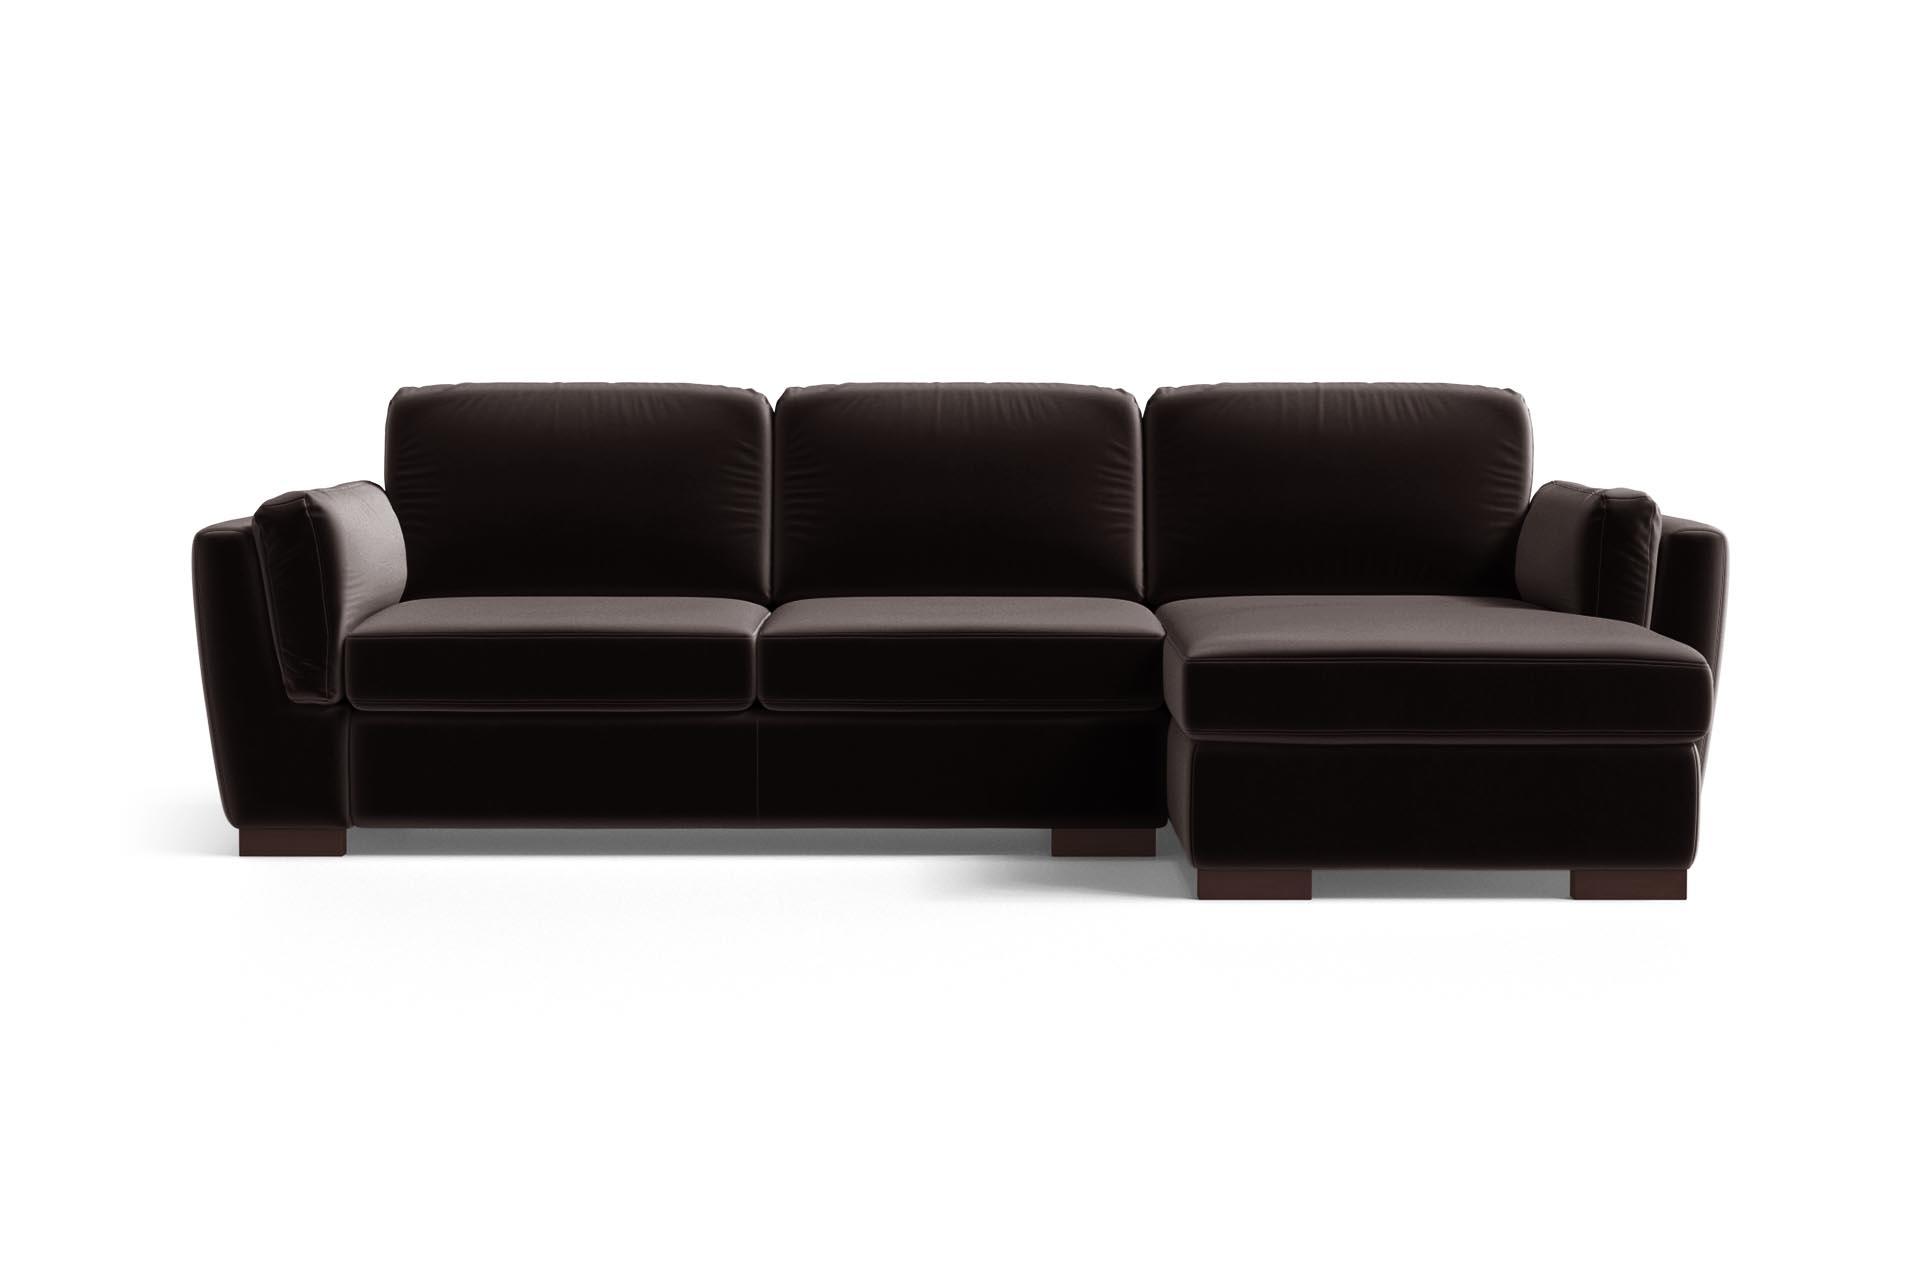 Canapé d'angle 4 places Marron Velours Luxe Design